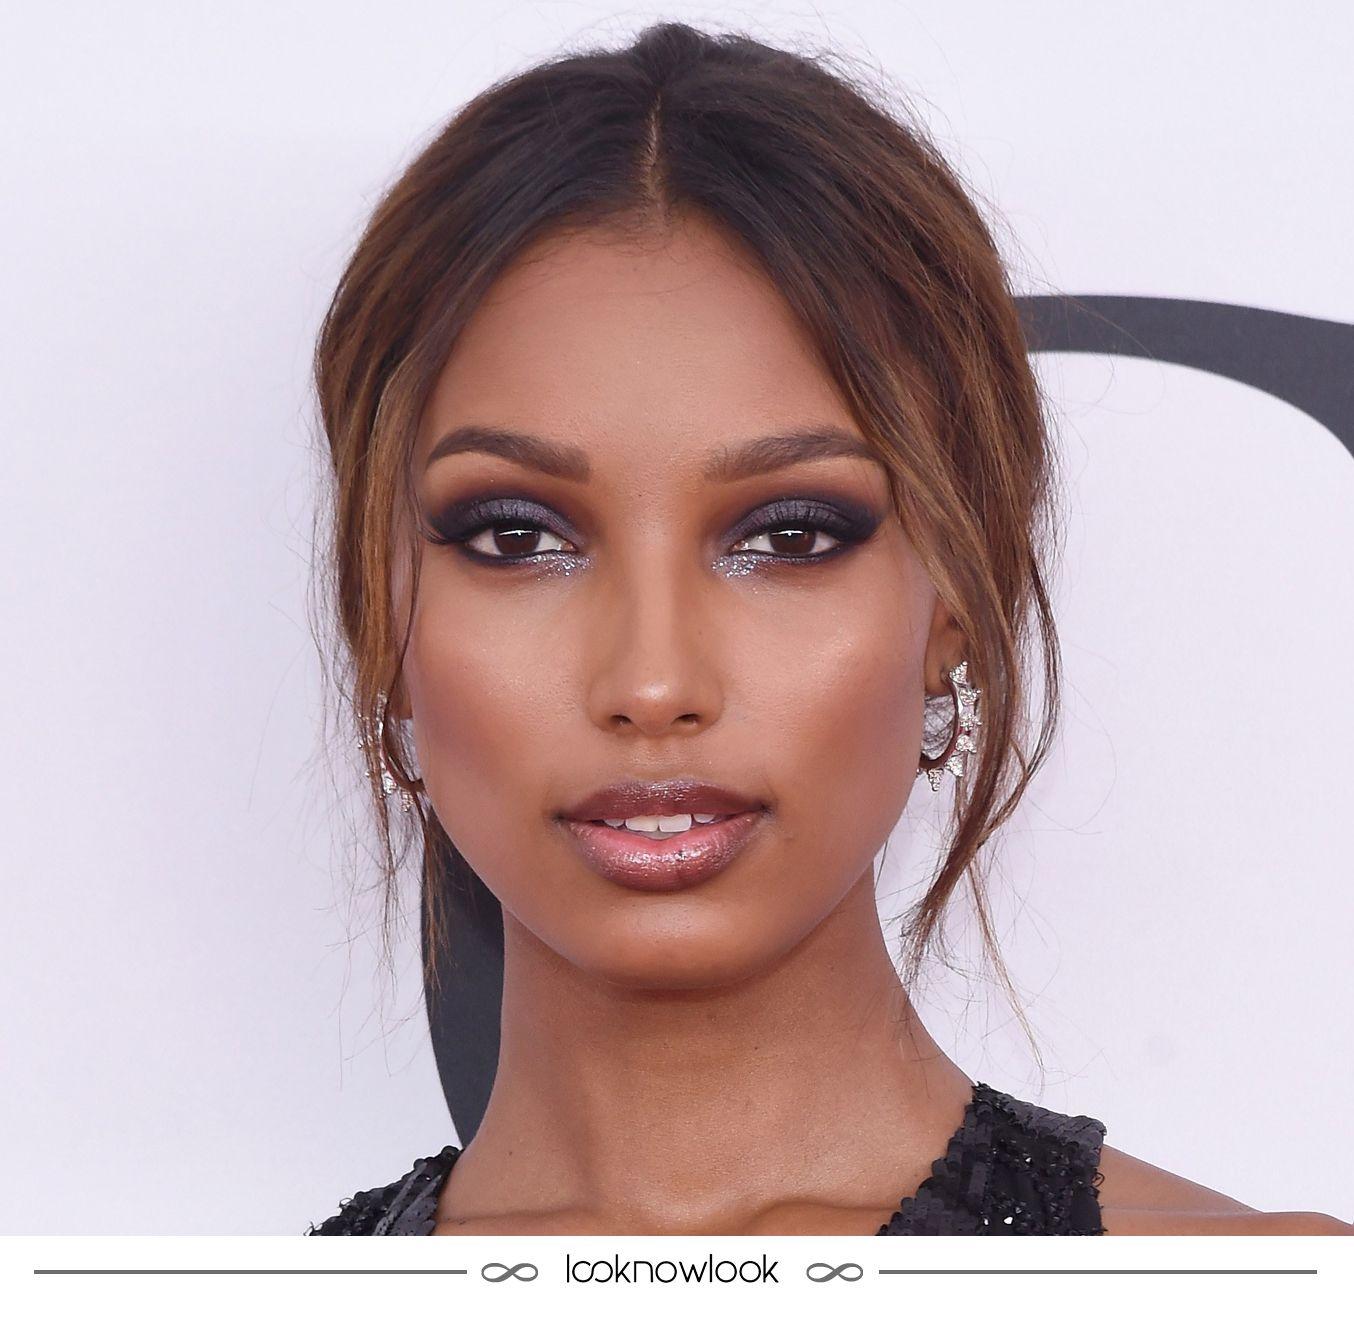 Jasmine Tookes maravilhosa no CFDA! Amamos a make esfumada com um toque de brilho que a modelo usou na última segunda-feira no Council of Fashion Designers, evento que premia os destaques da moda. Inspiração perfeita para a próxima festa! #beleza #beauty #maquiagem #makeup #cfda #jasminetookes #inspiração #dica #esfumado #brilho #lnl #looknowlook